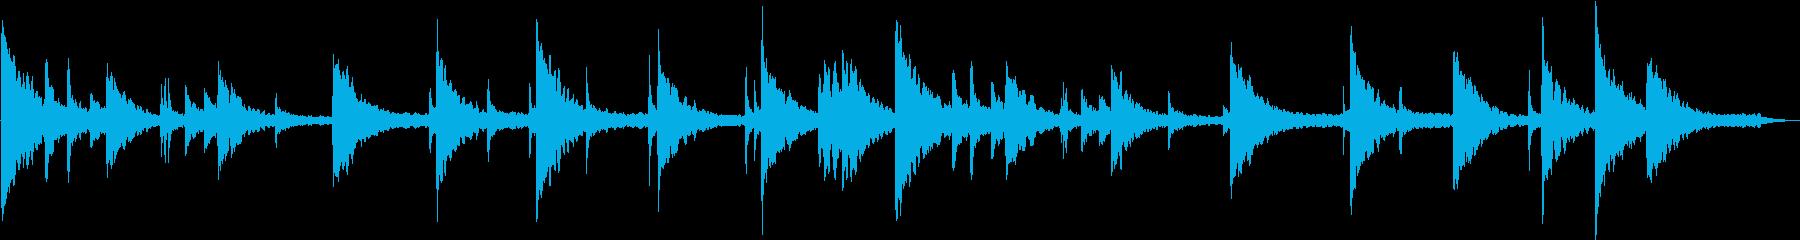 思い出話をしたくなるイメージで作りまし…の再生済みの波形